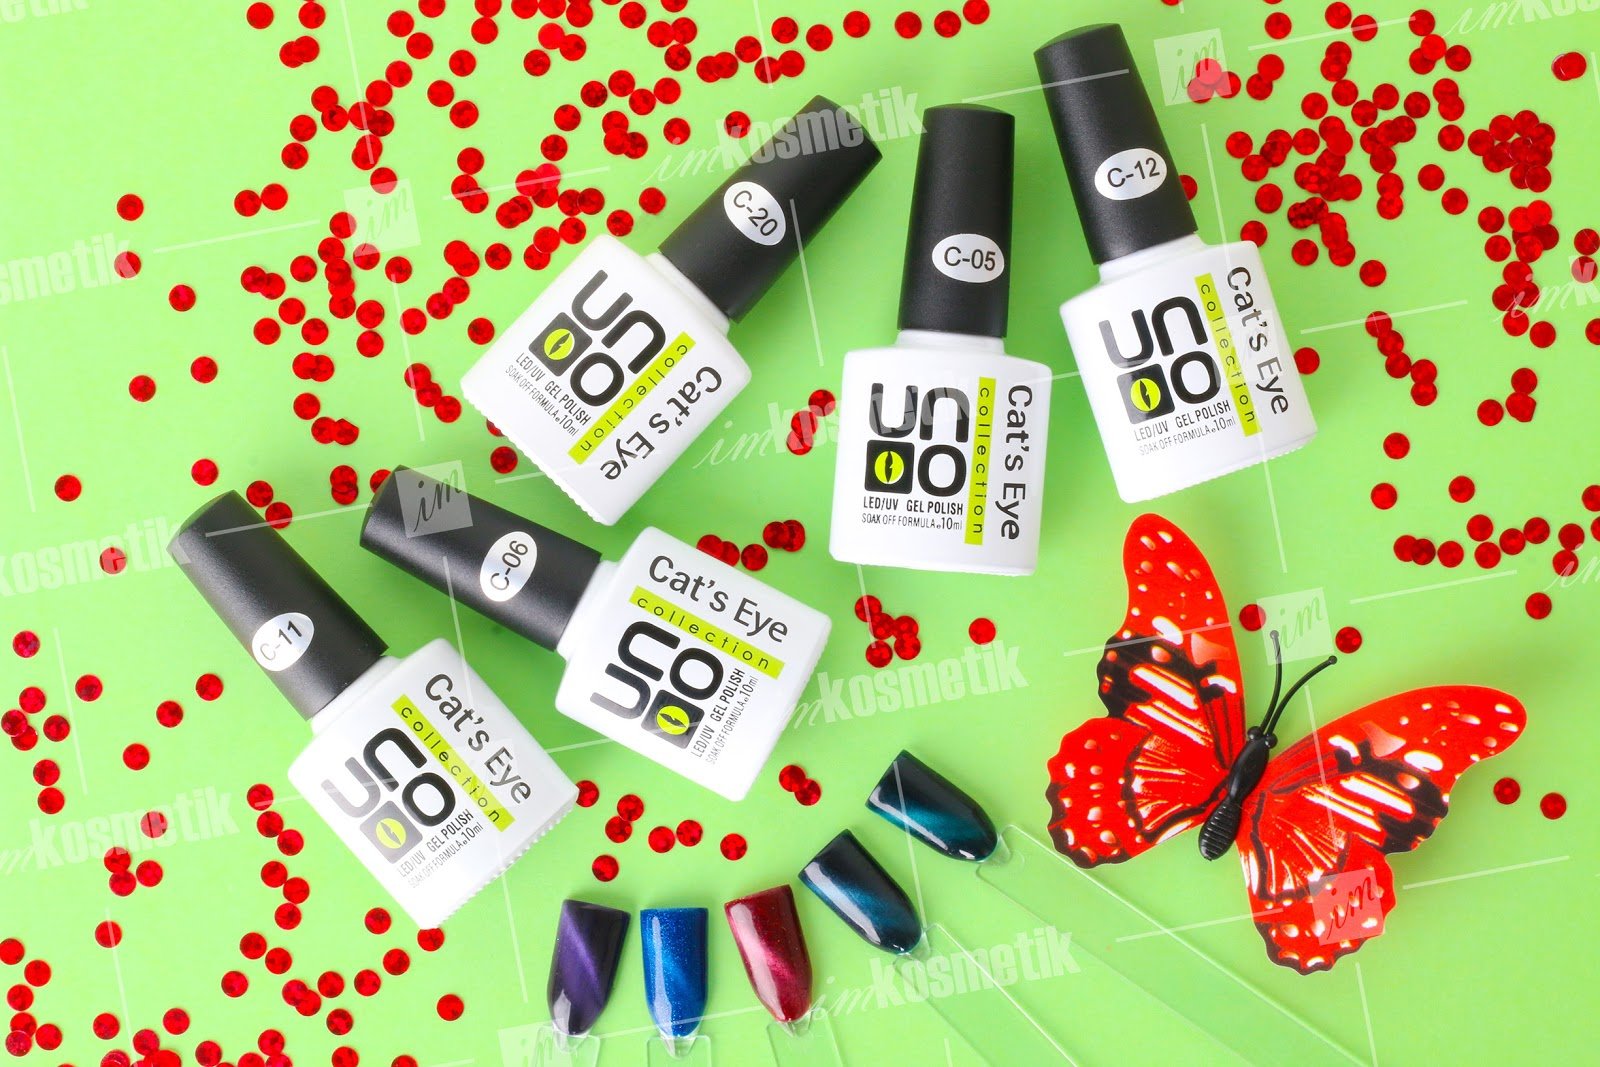 Что мы знаем о бренде UNO?